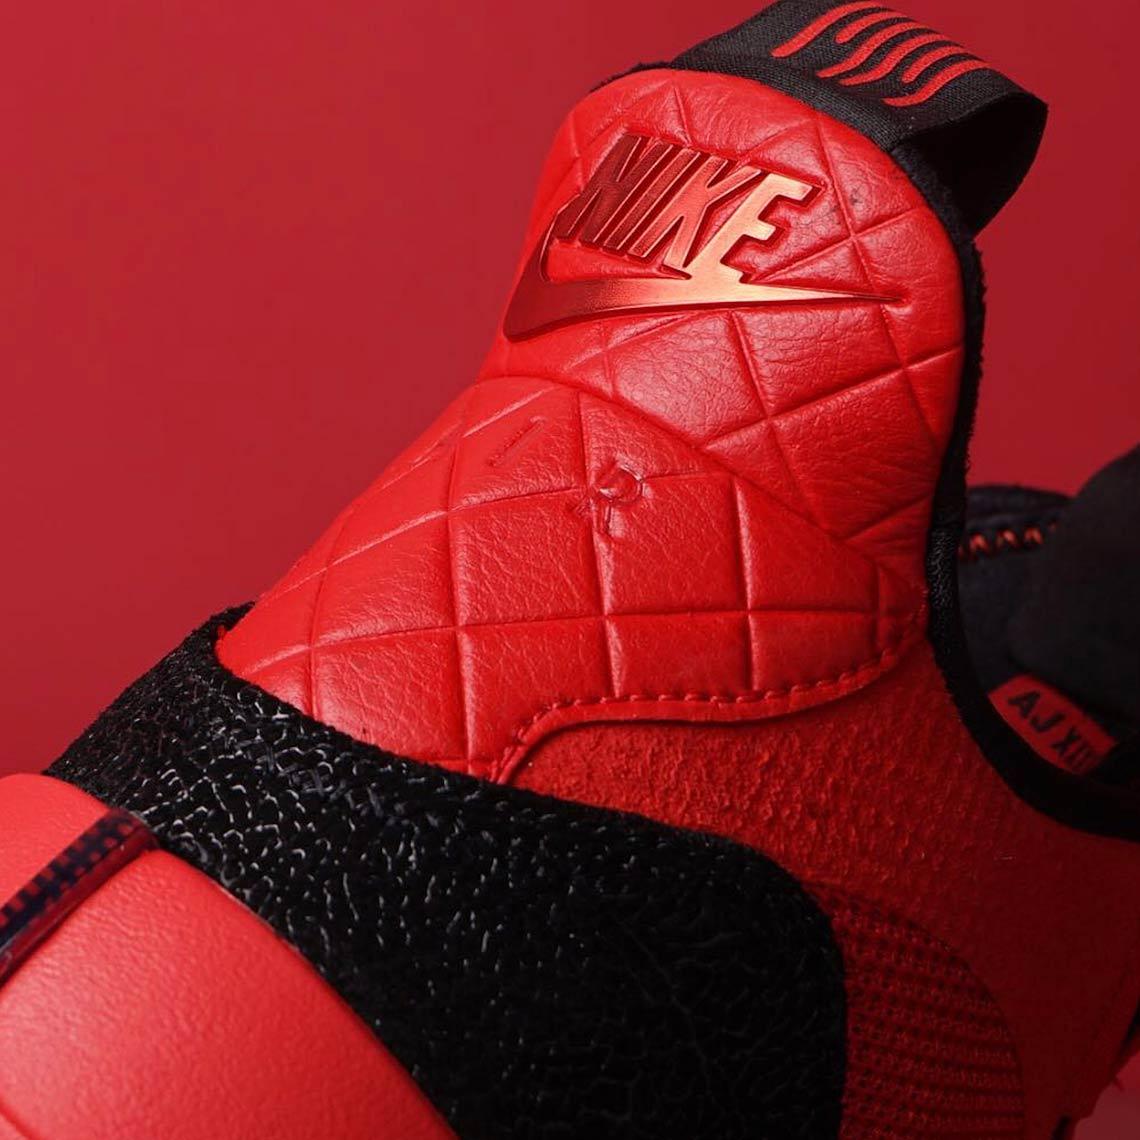 7283ca3555a0 Jordan 33 Red AQ8830-600 Buying Guide + Info